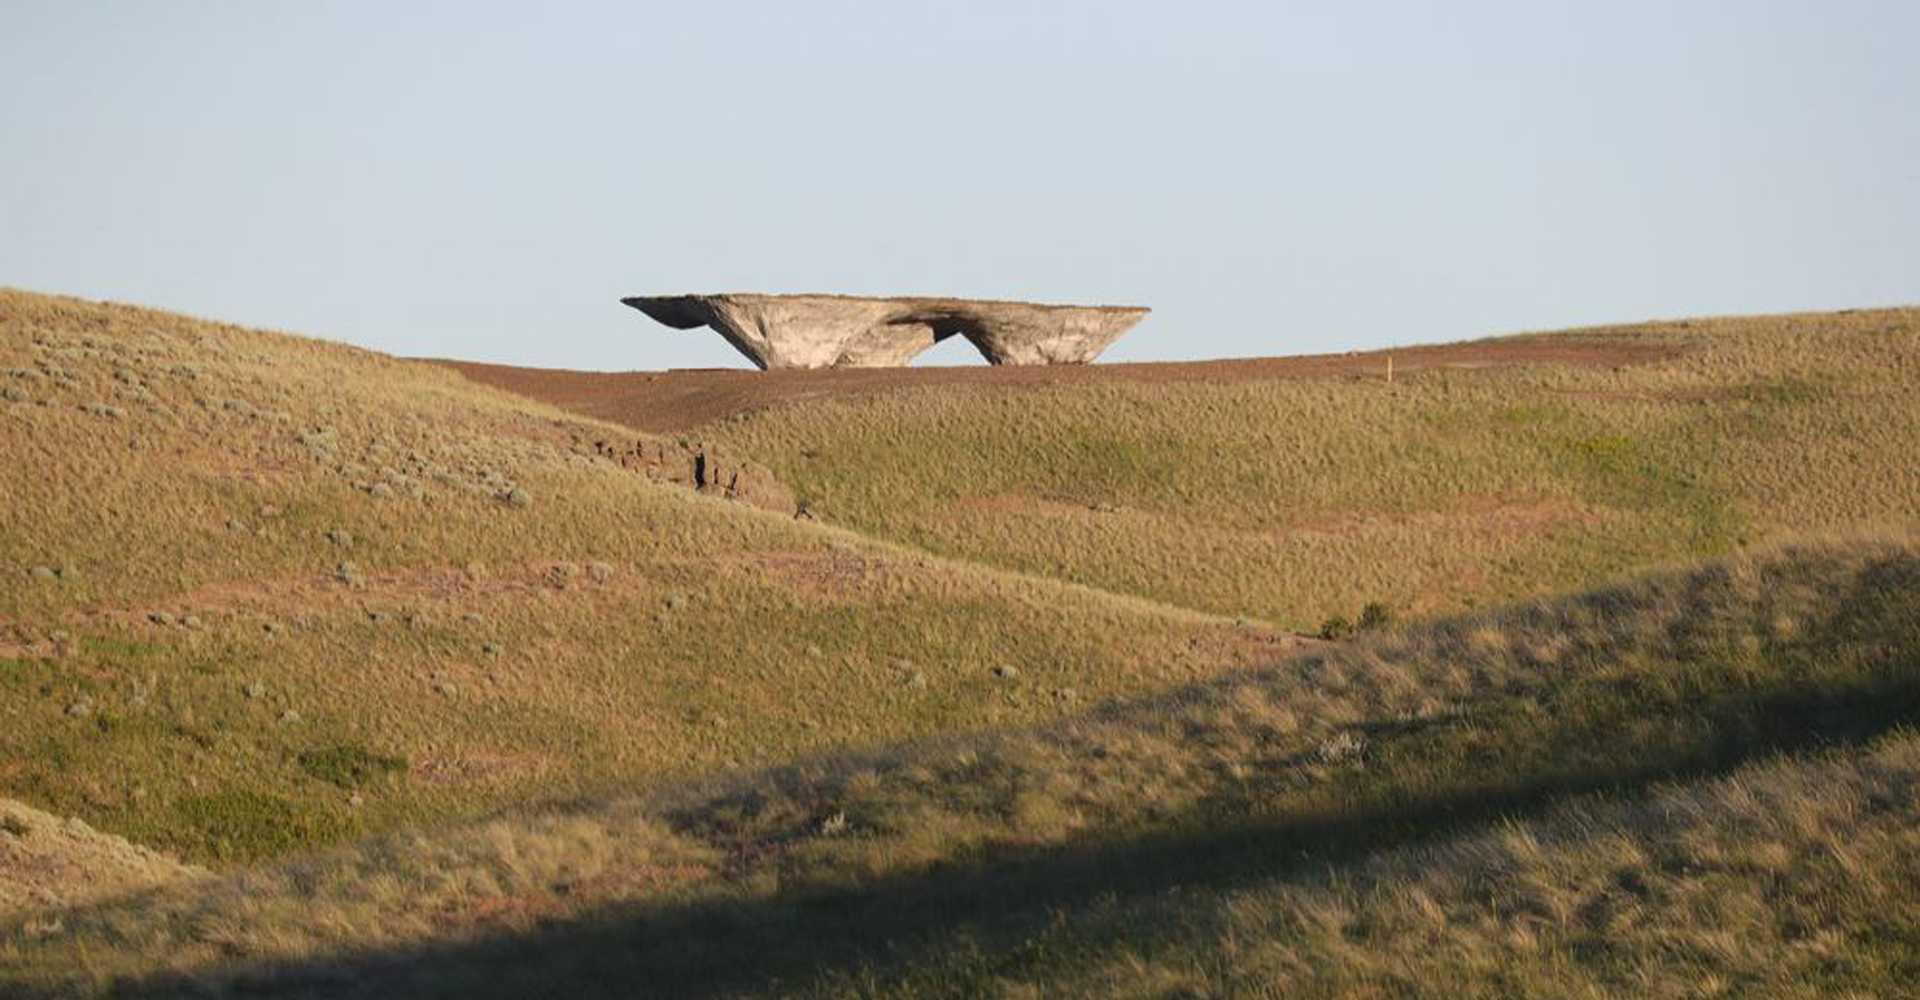 Domo, Landscape Structures  - 55 01 31